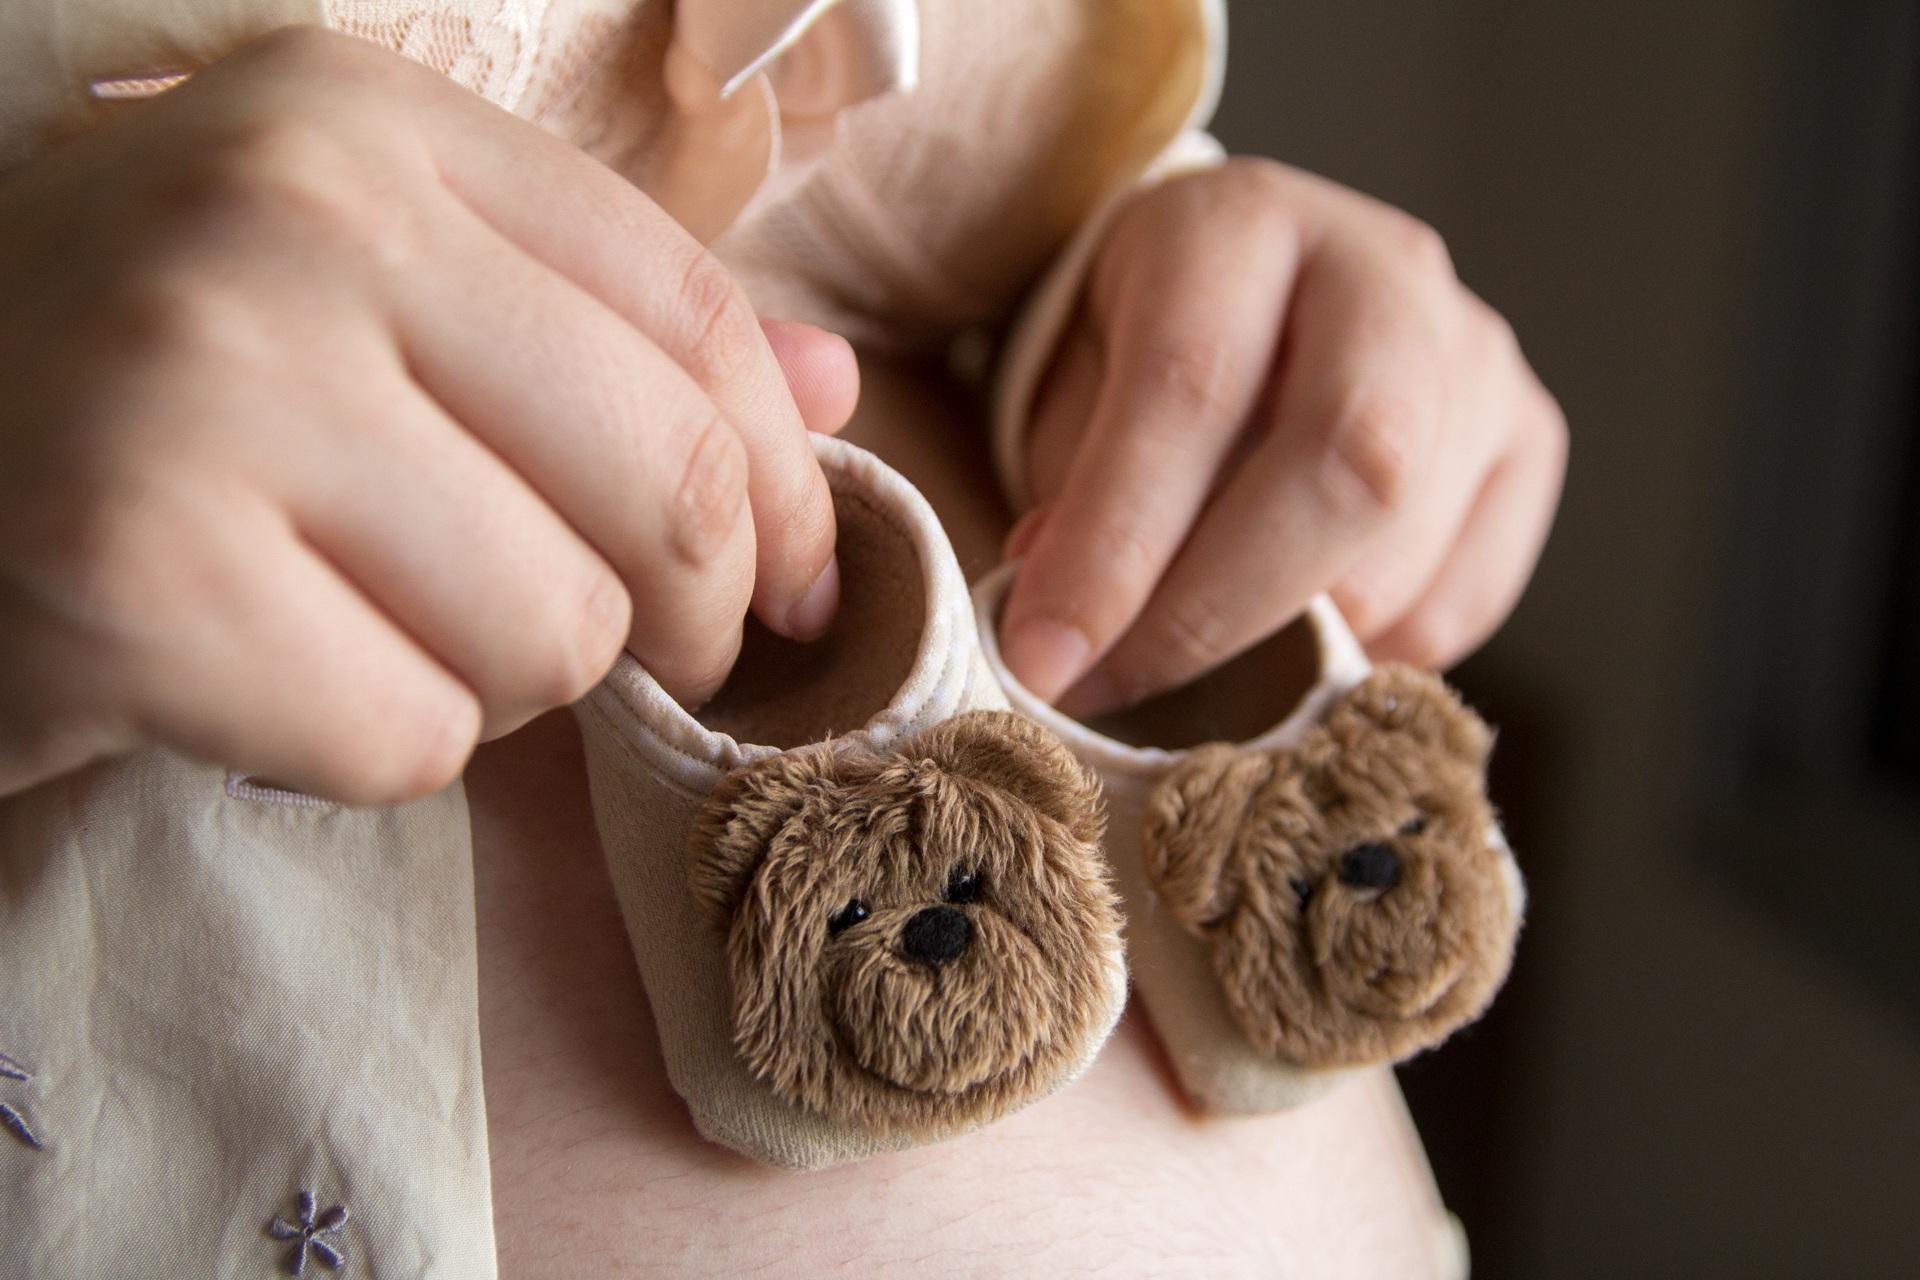 Primele simptome de sarcină: - sfatulparintilor.ro - pixabay_com - pregnant-woman-2886651